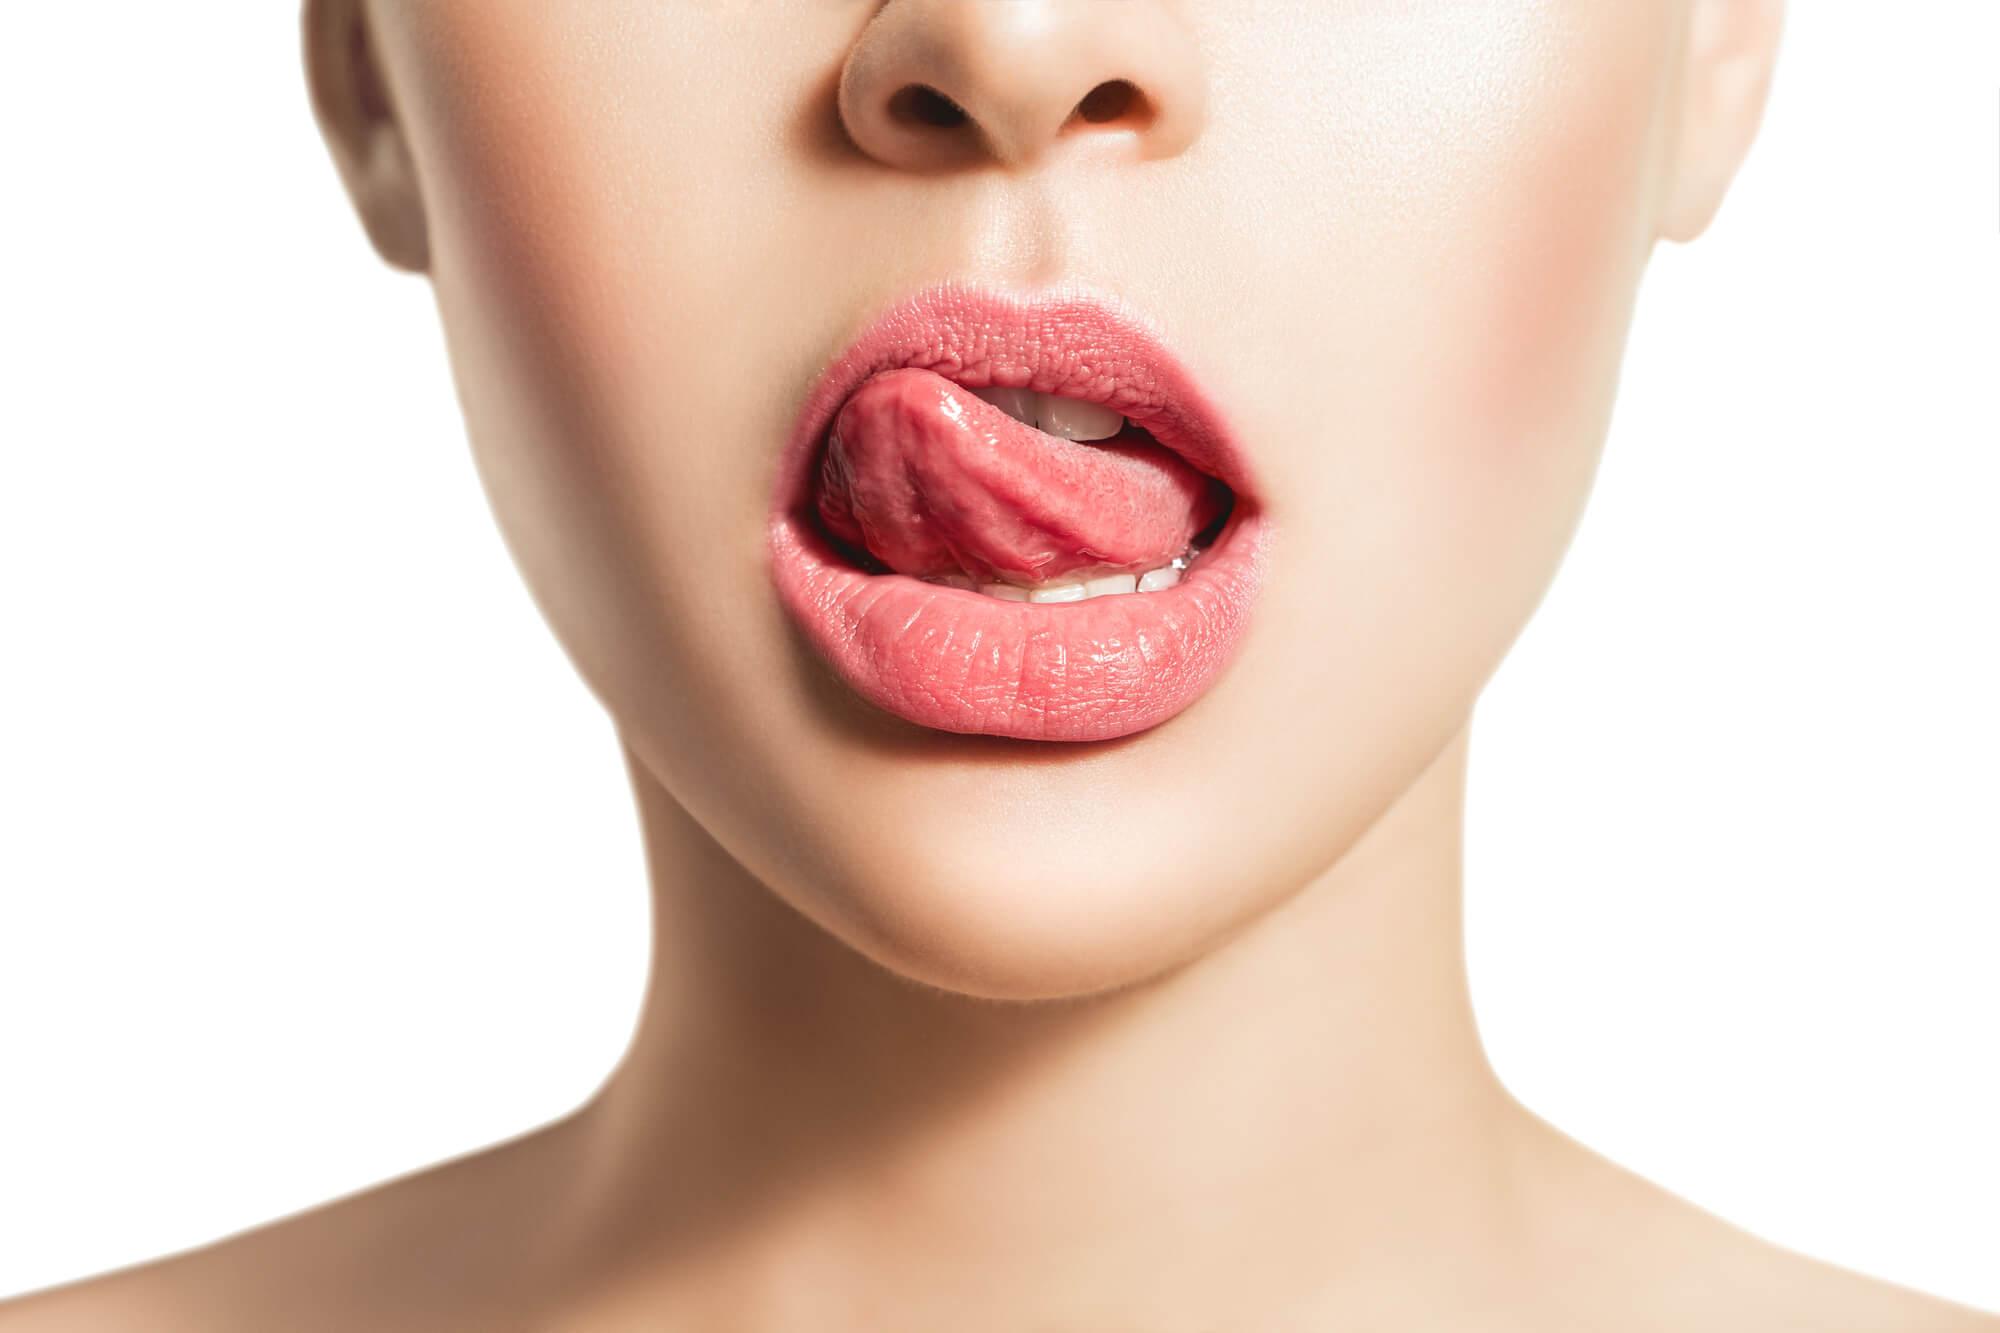 口の中のネバネバを取りたい!ネバつく原因と自分でできる対処とは | 歯 ...